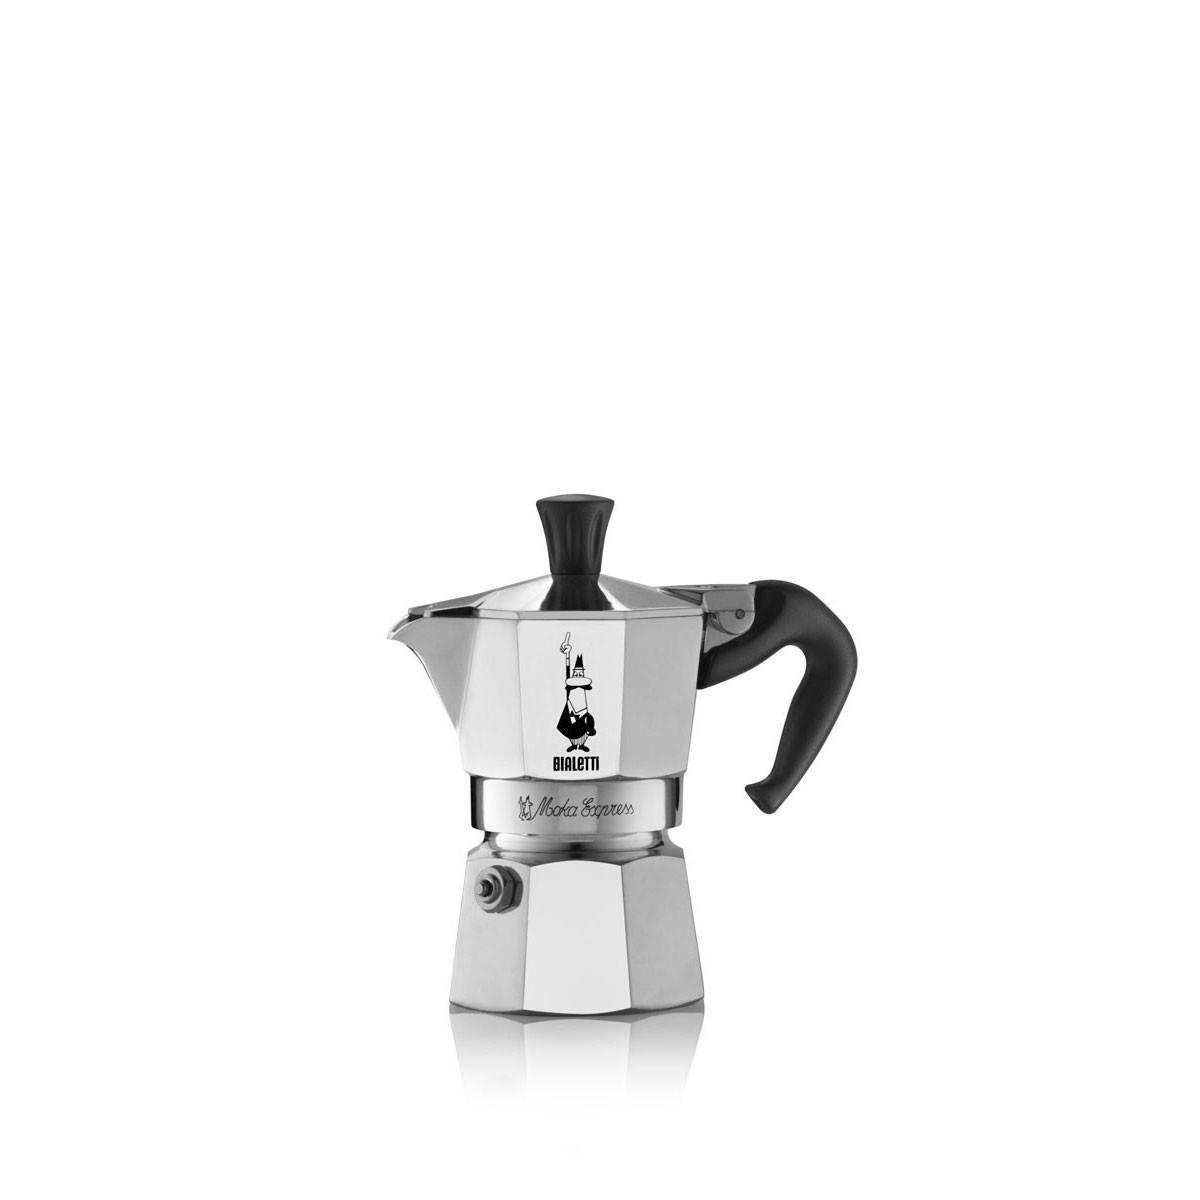 Bialetti kávovar Moka Express na 2 šálky